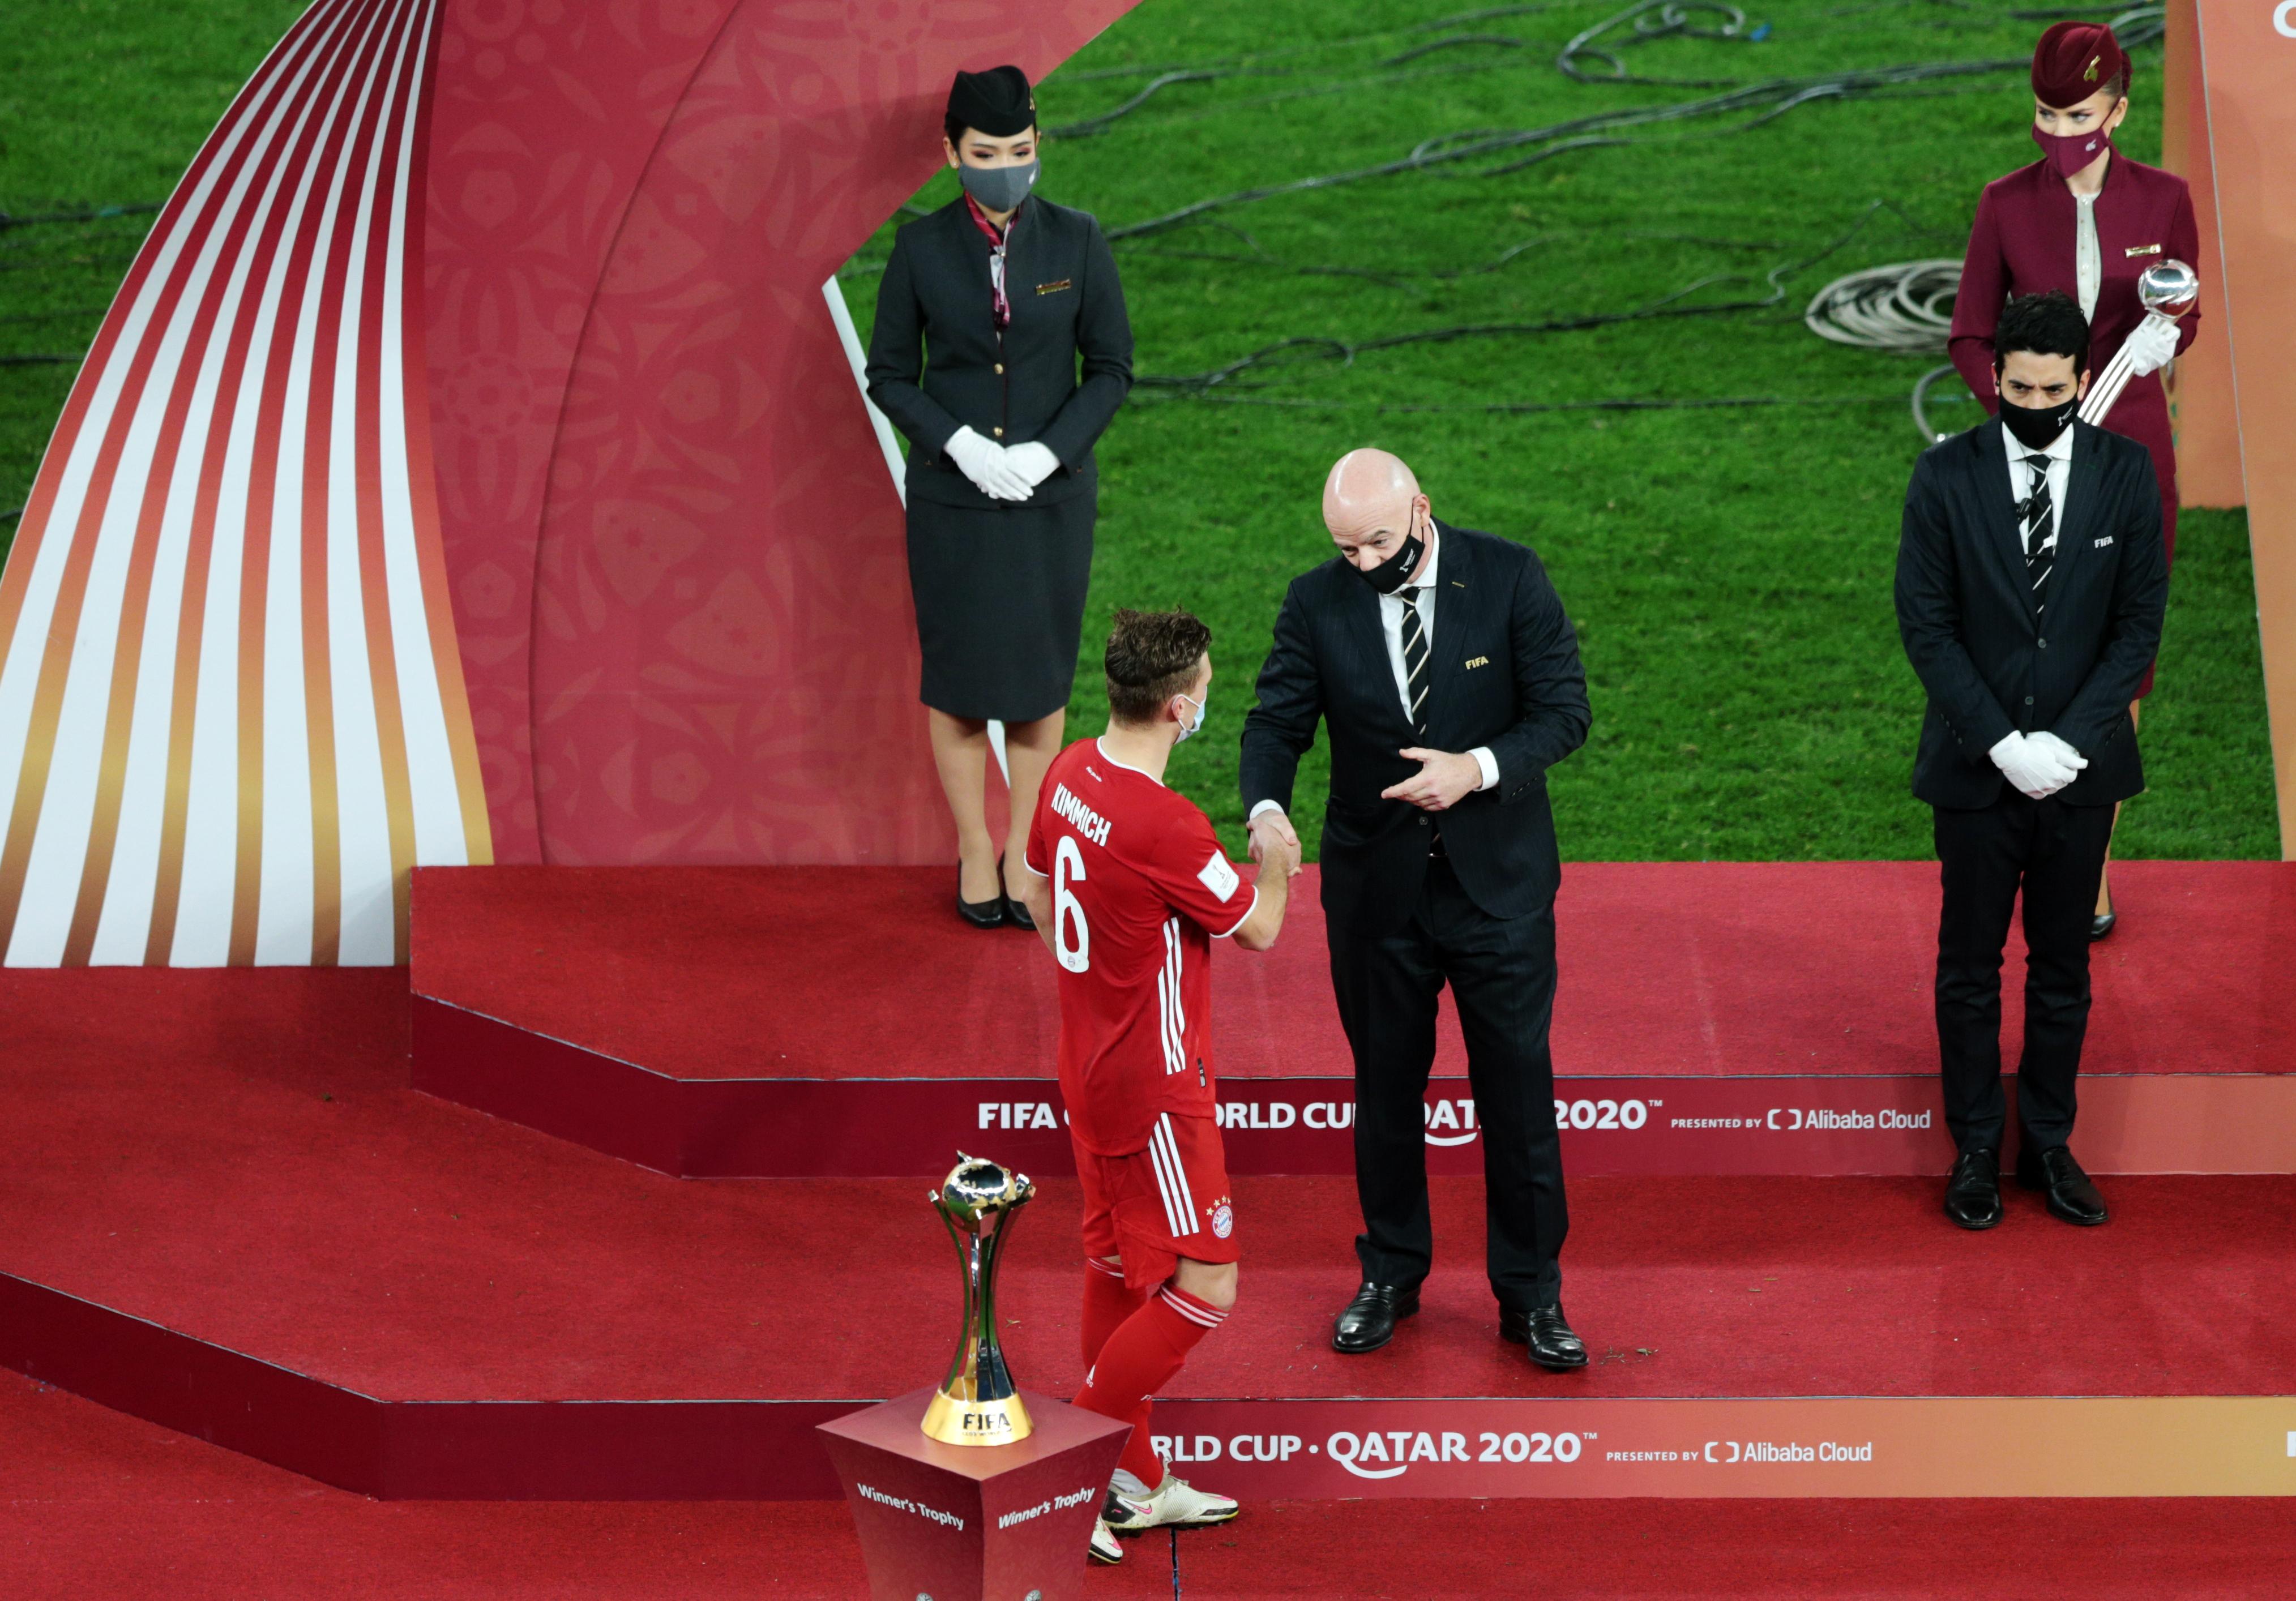 Joshua Kimmich de Bayern Múnich le da la mano al presidente de la FIFA Gianni Infantino.